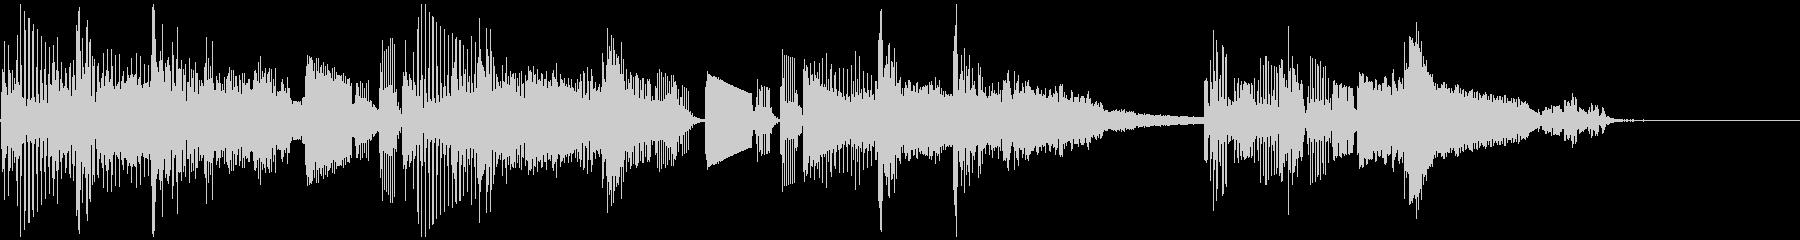 シンセサイザー シンプル ジングル の未再生の波形